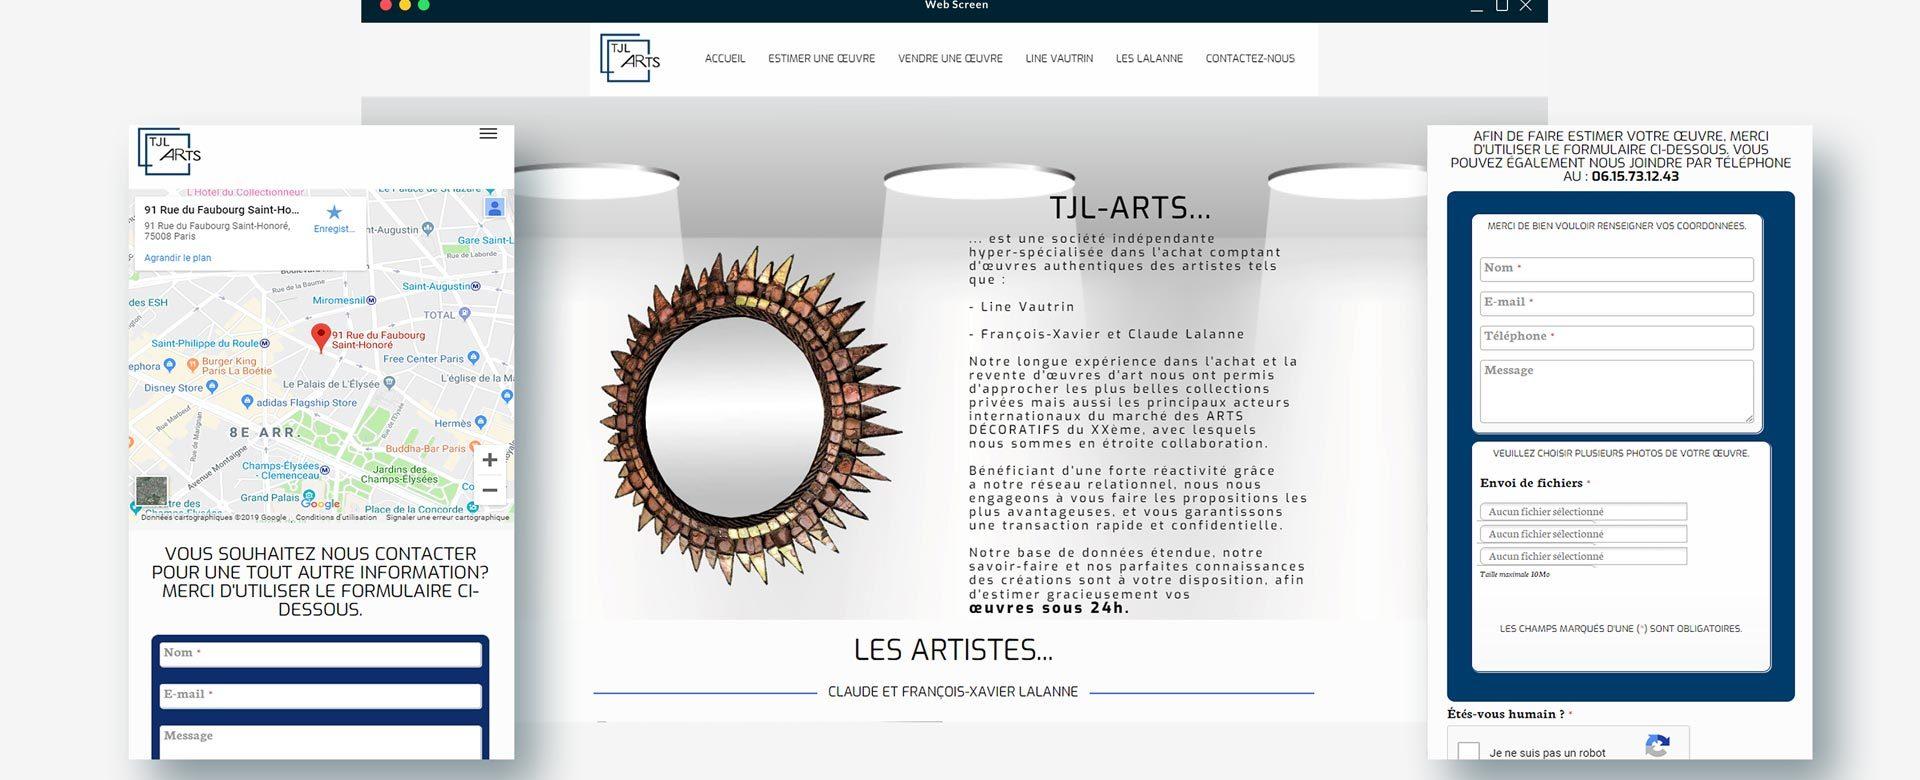 tjl-arts-corse-site-web